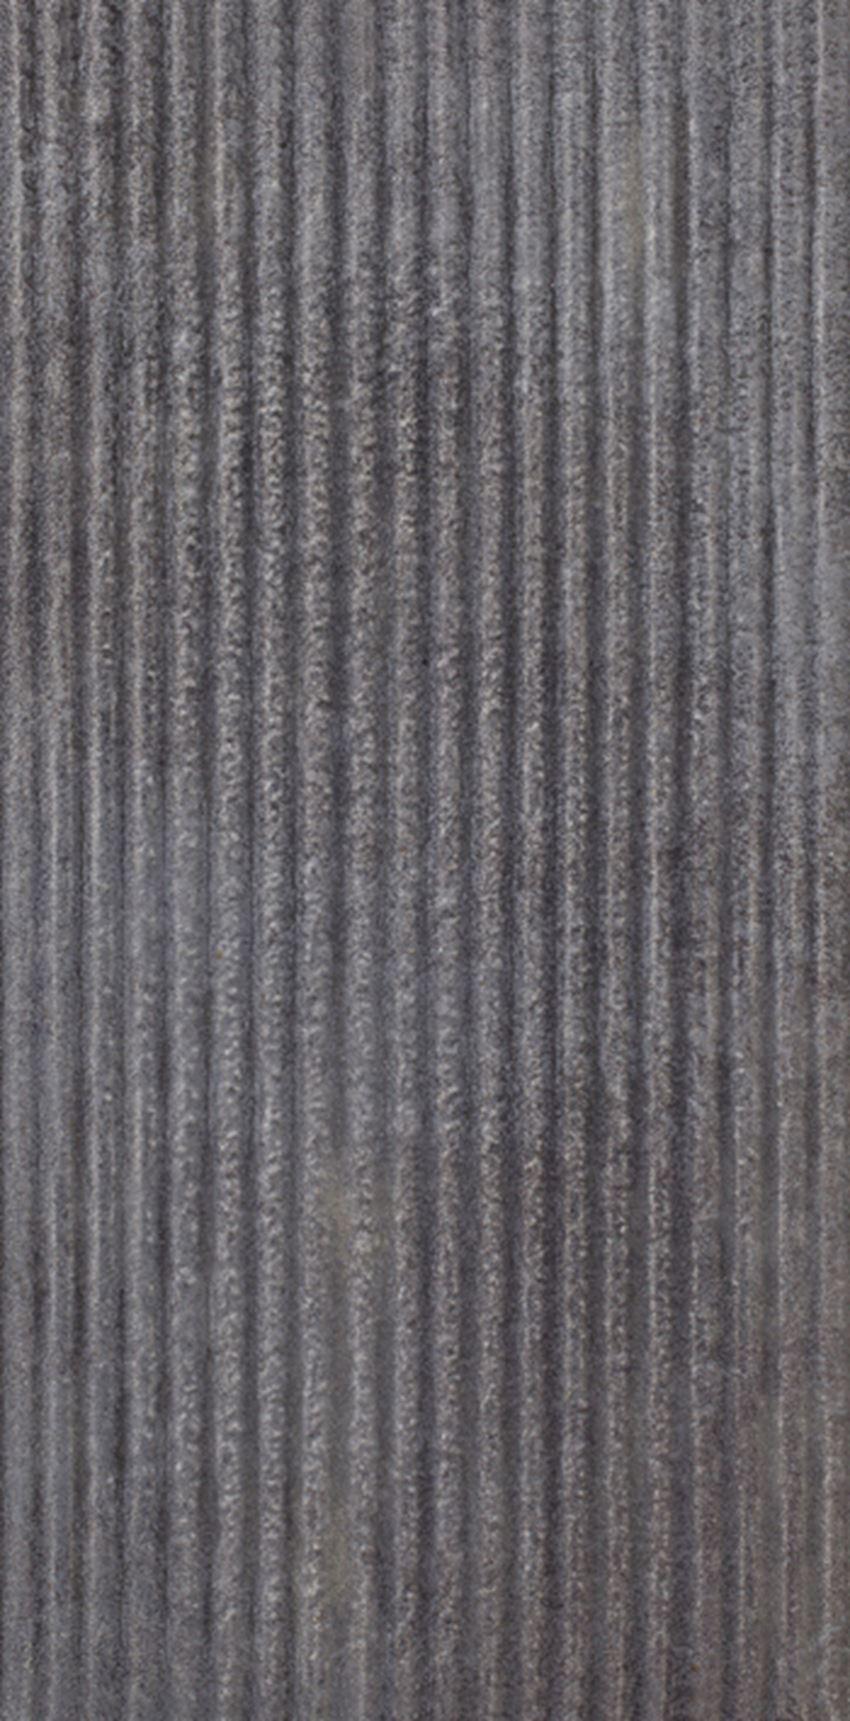 Płytka stopnicowa 14,8x30 cm Paradyż Bazalto Grafit B Podstopnica Struktura Płytka